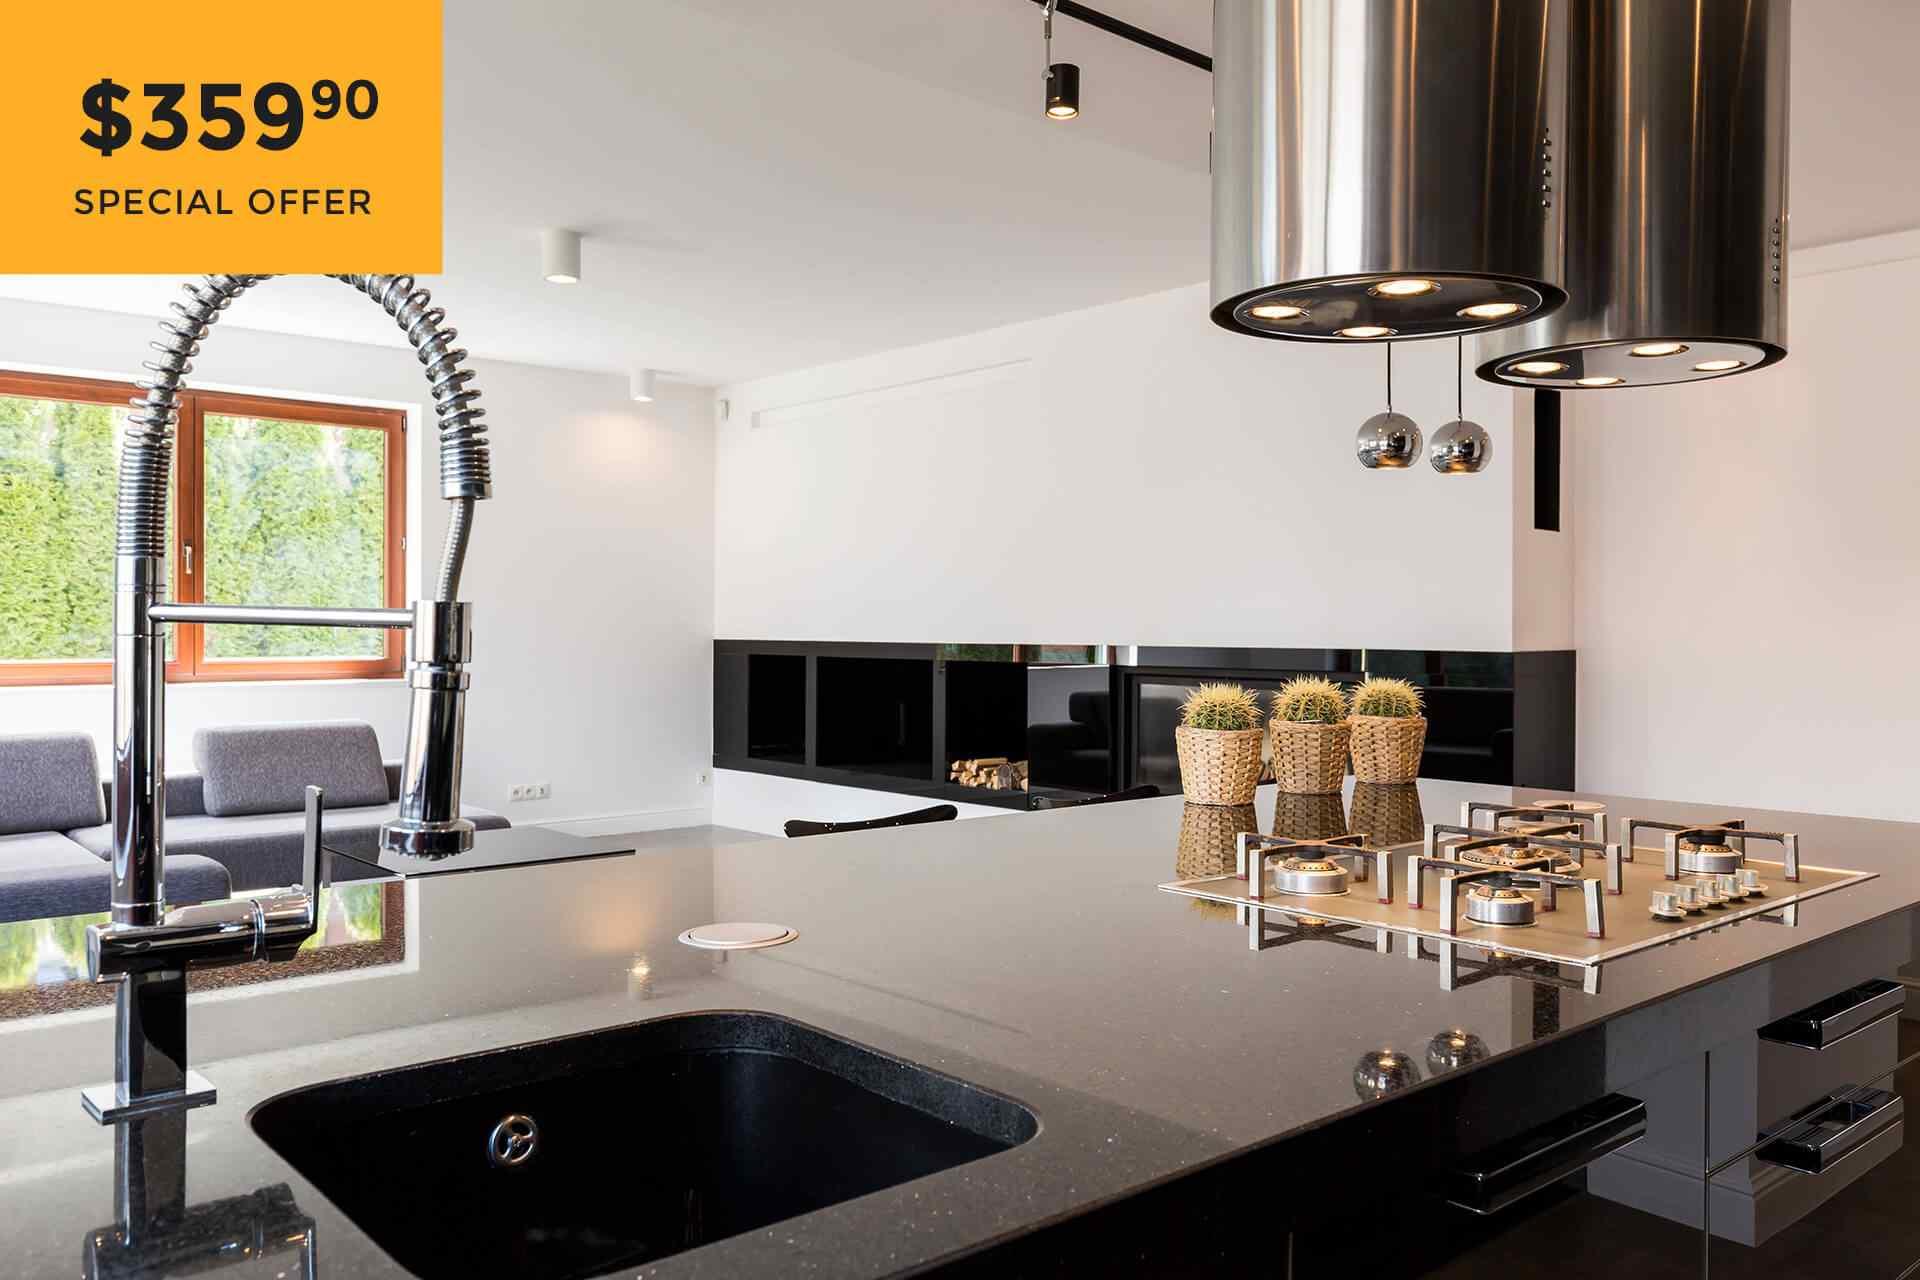 Drain Cleaning 5,000 BTU 9.7 EER 115V Window Mount Room